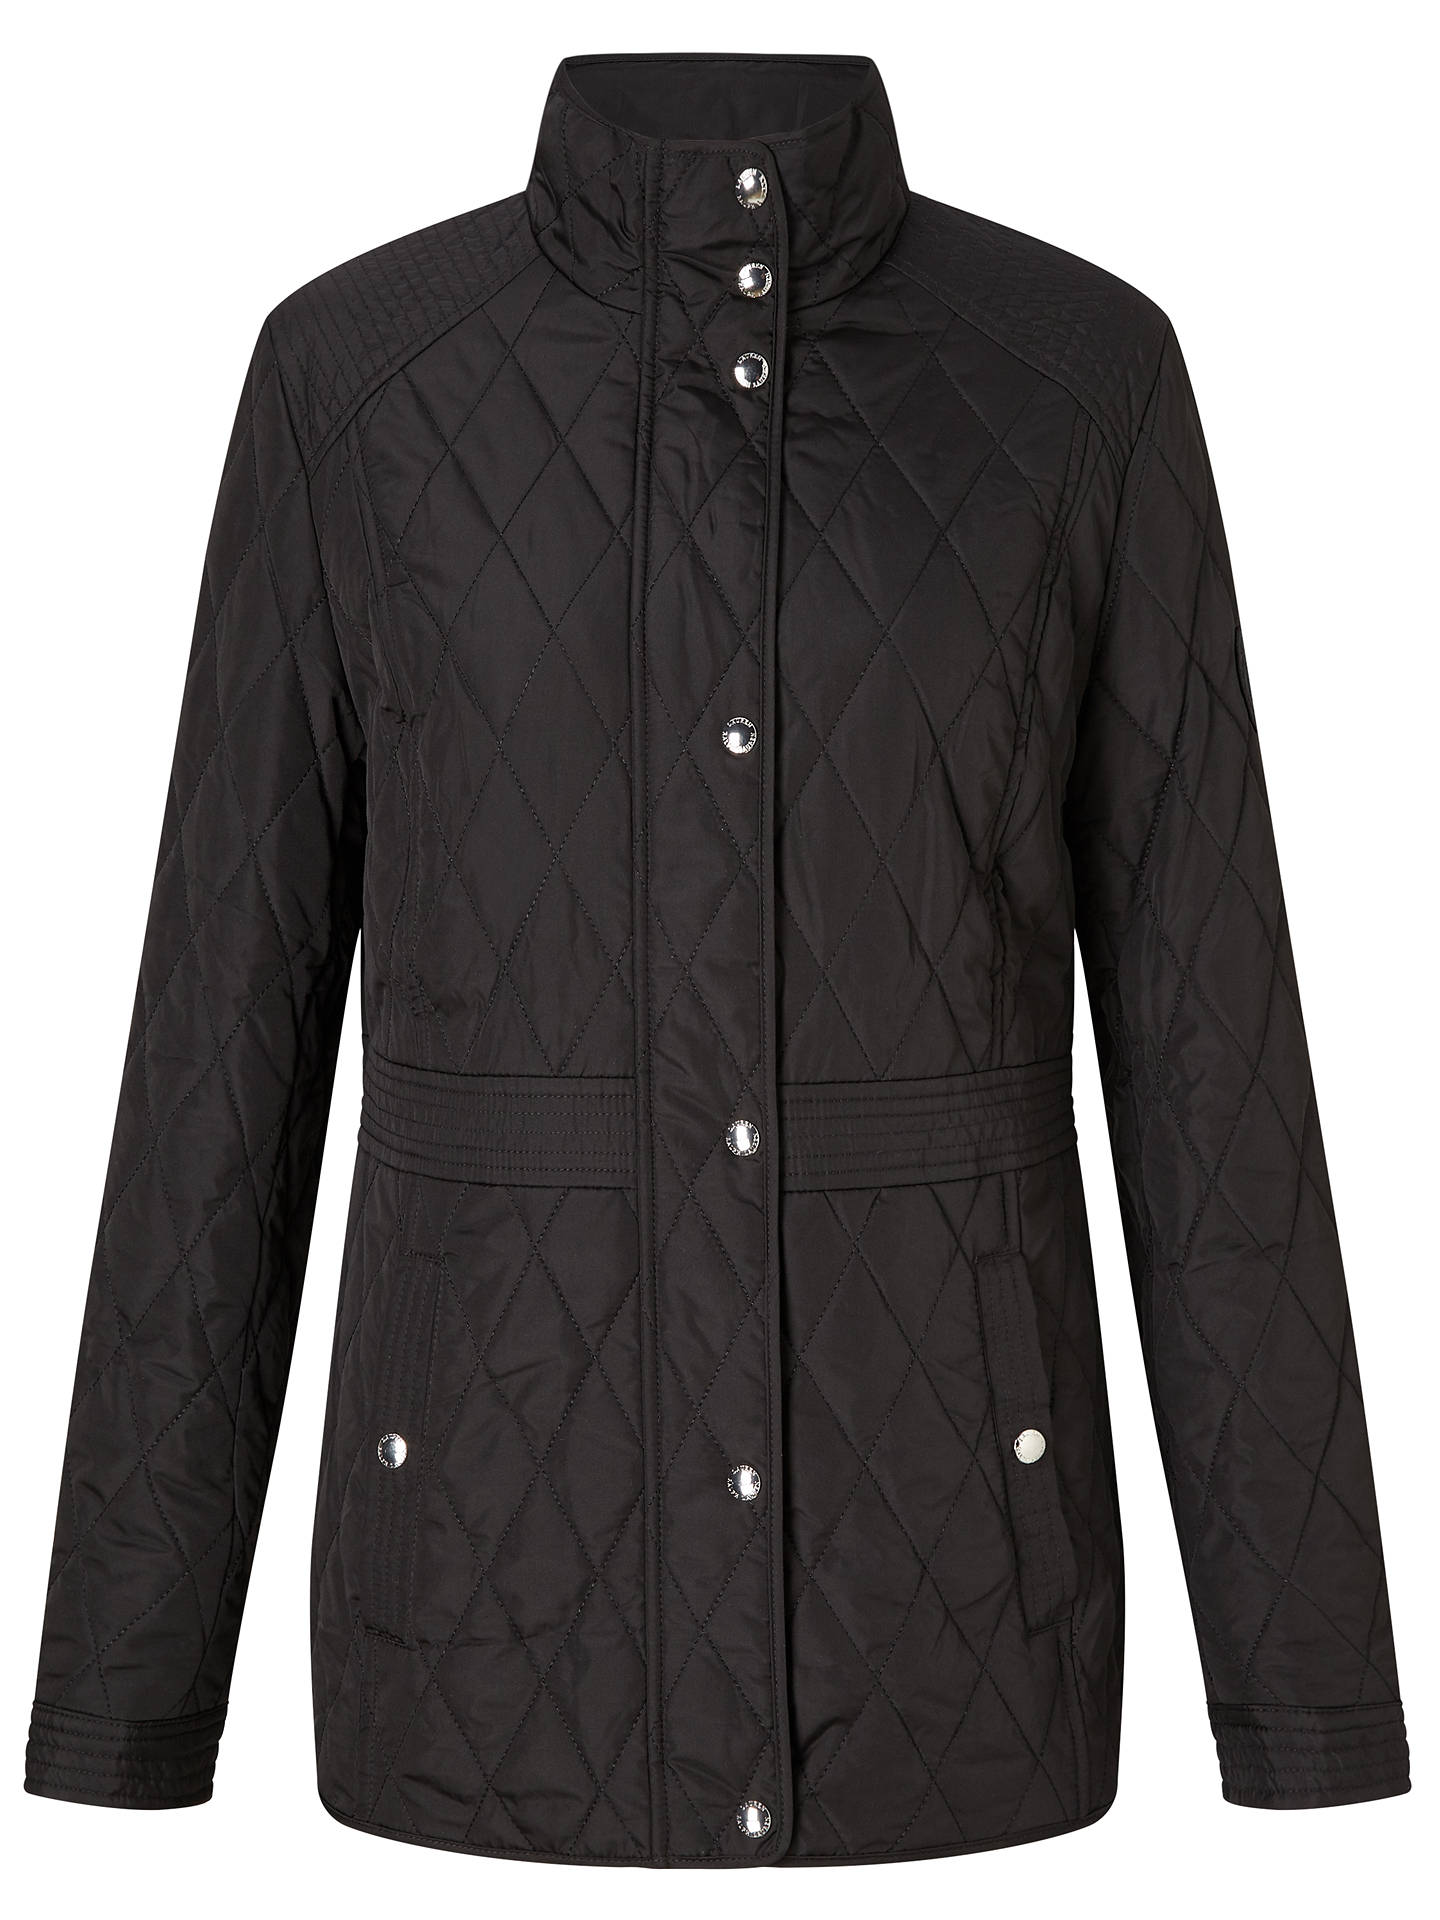 Lauren Ralph Lauren Quilted Jacket With Waist Inset Black At John